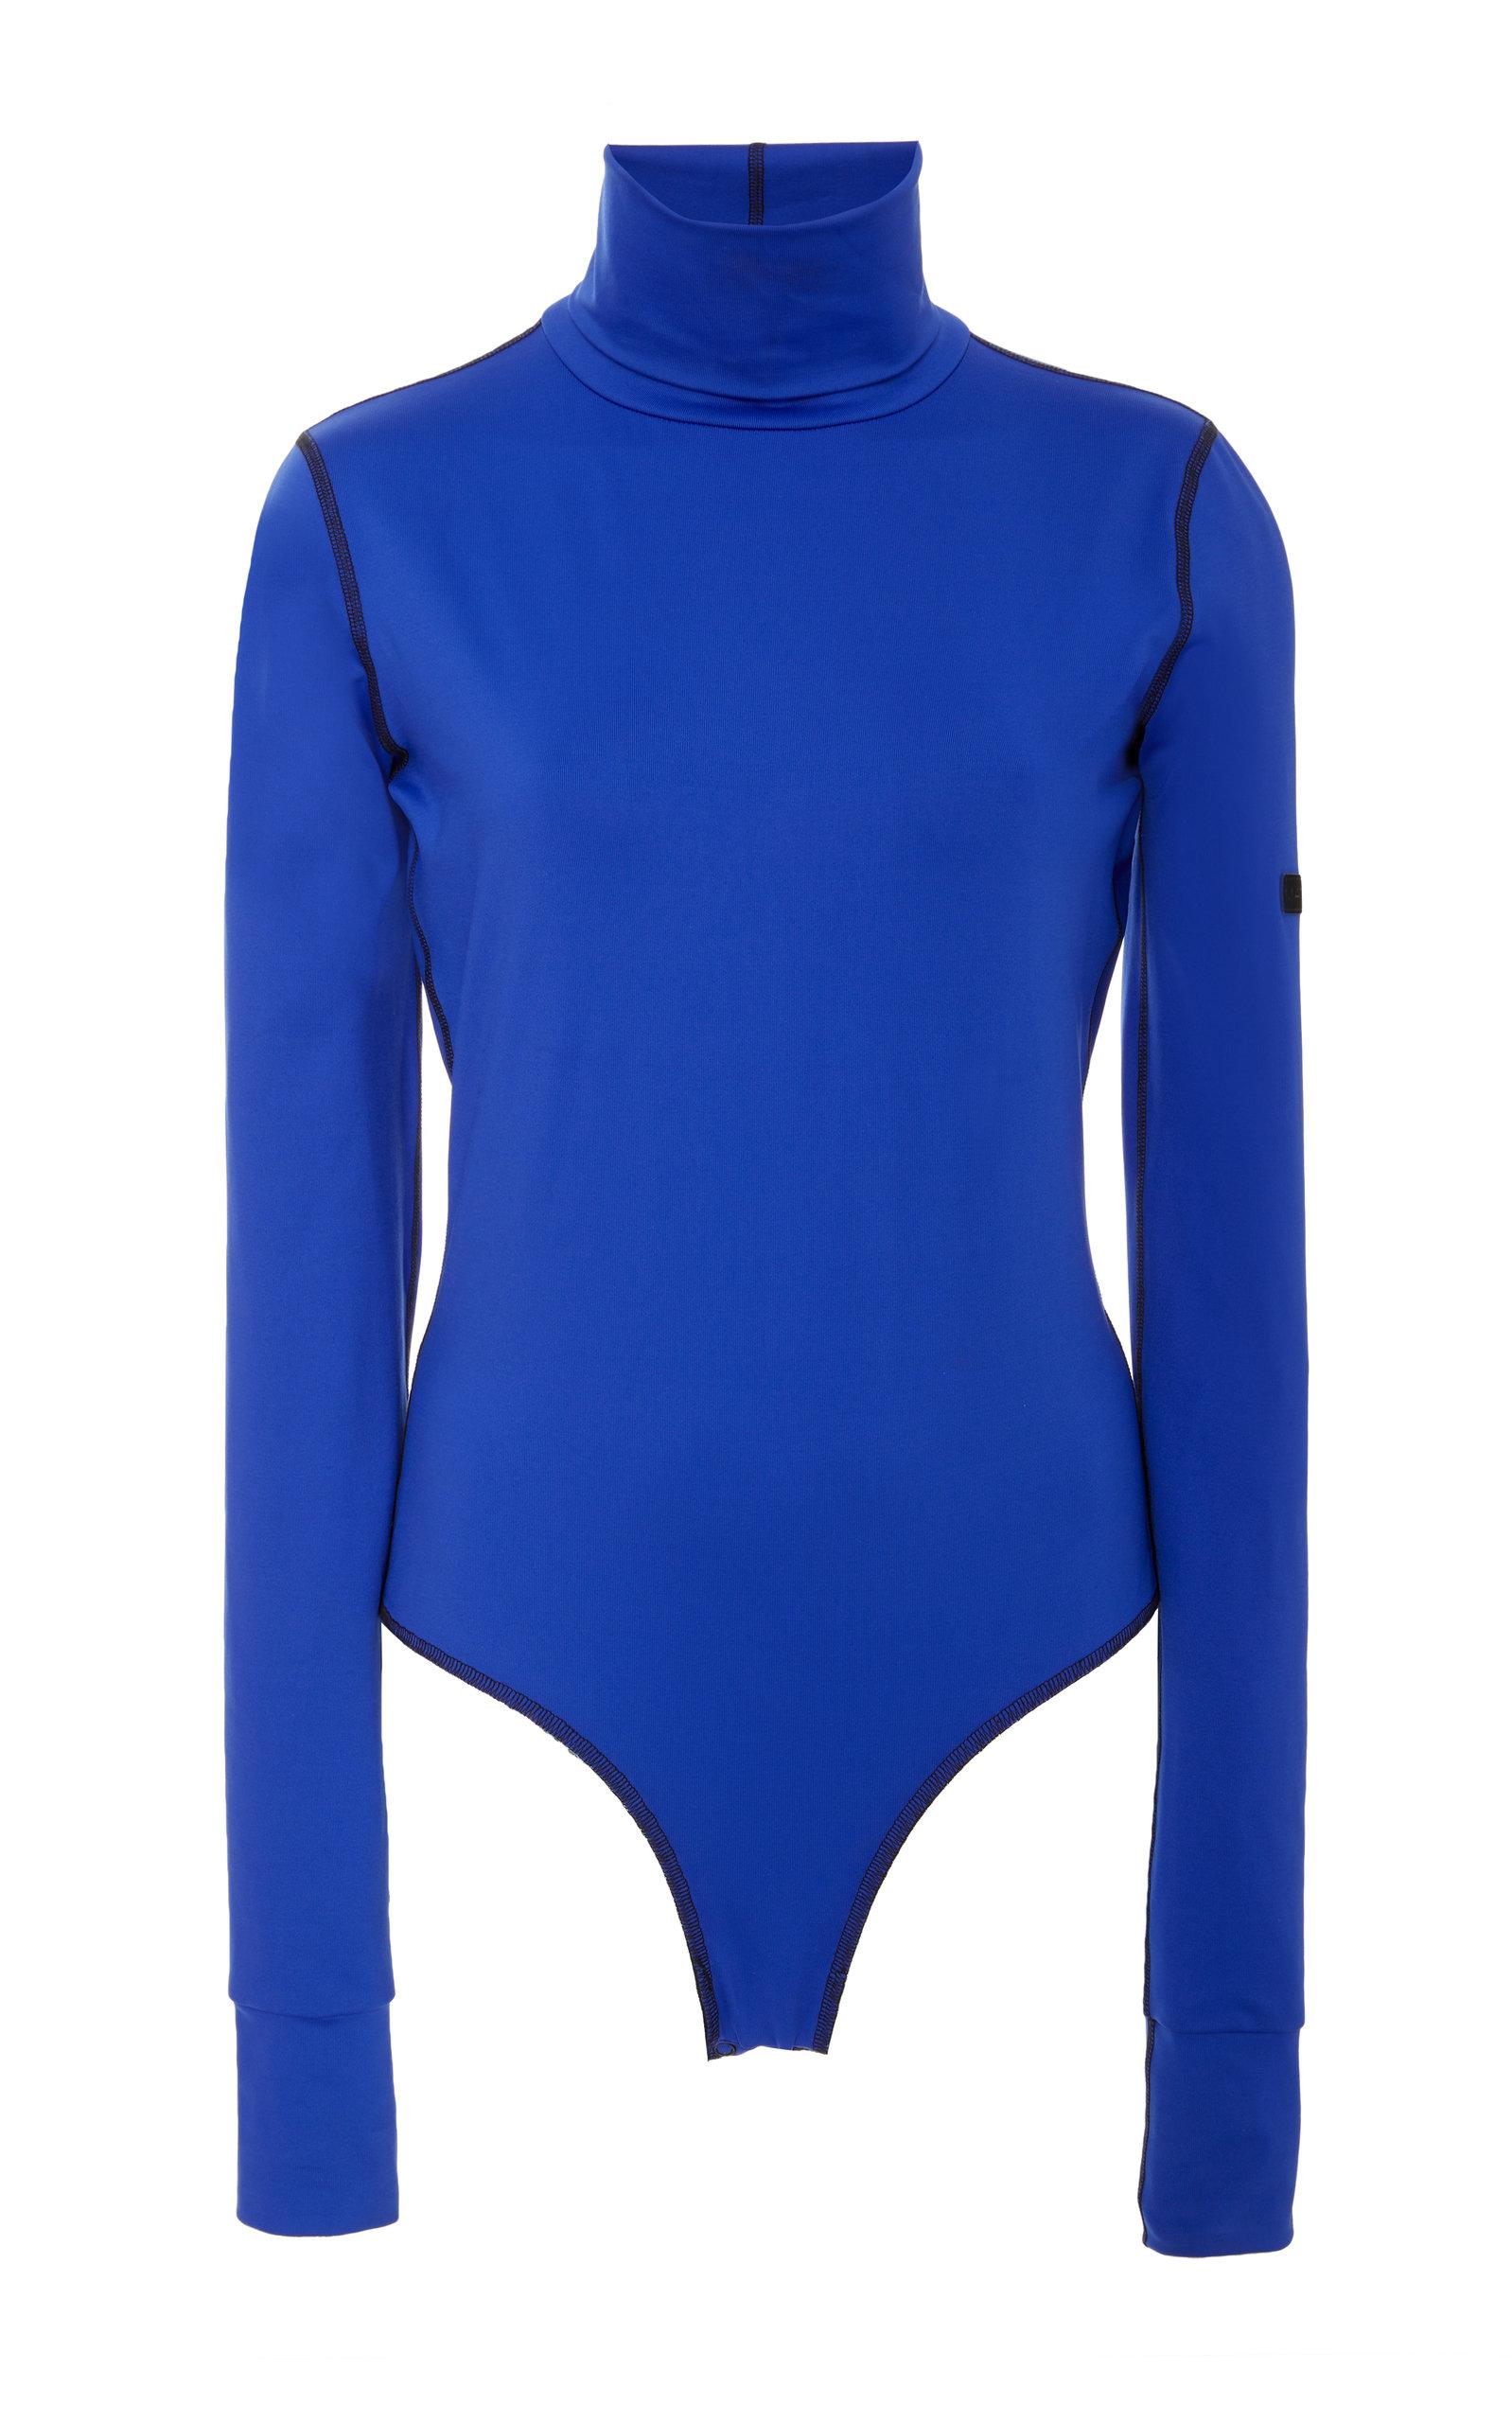 Women's Exclusive The Gerenuk Turtleneck Bodysuit